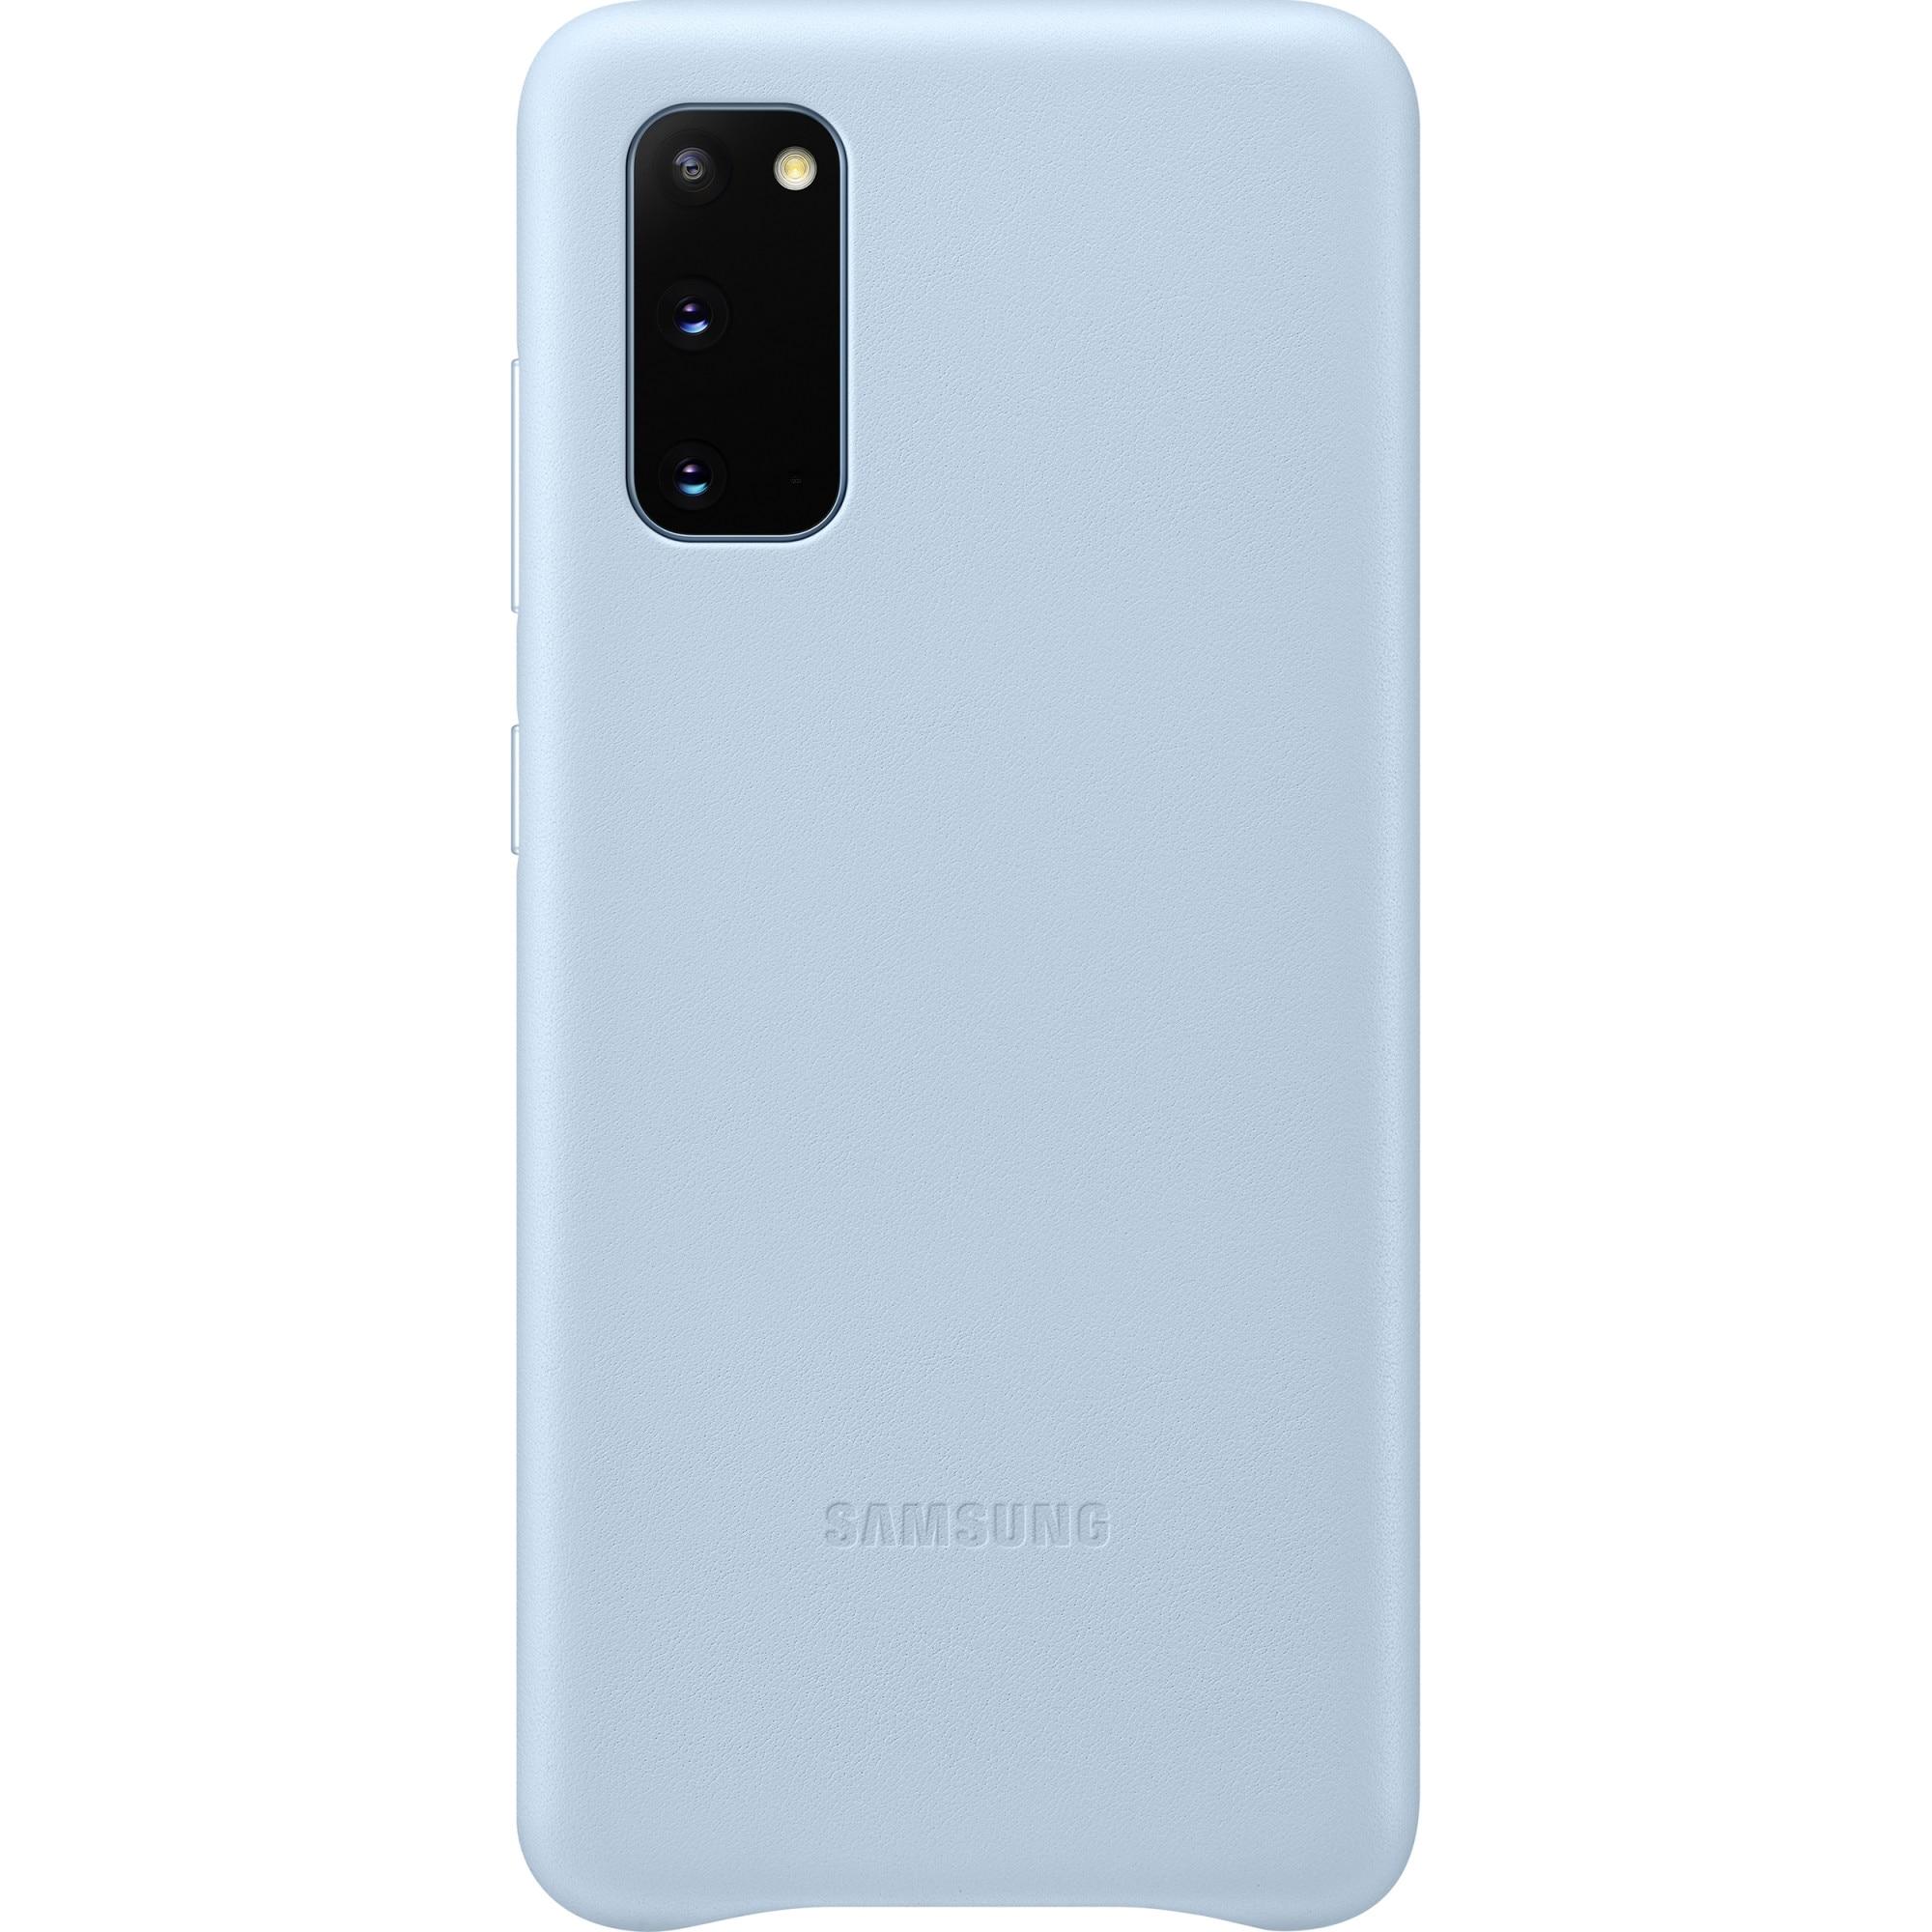 Fotografie Husa de protectie Samsung Leather Cover pentru Galaxy S20, Sky Blue